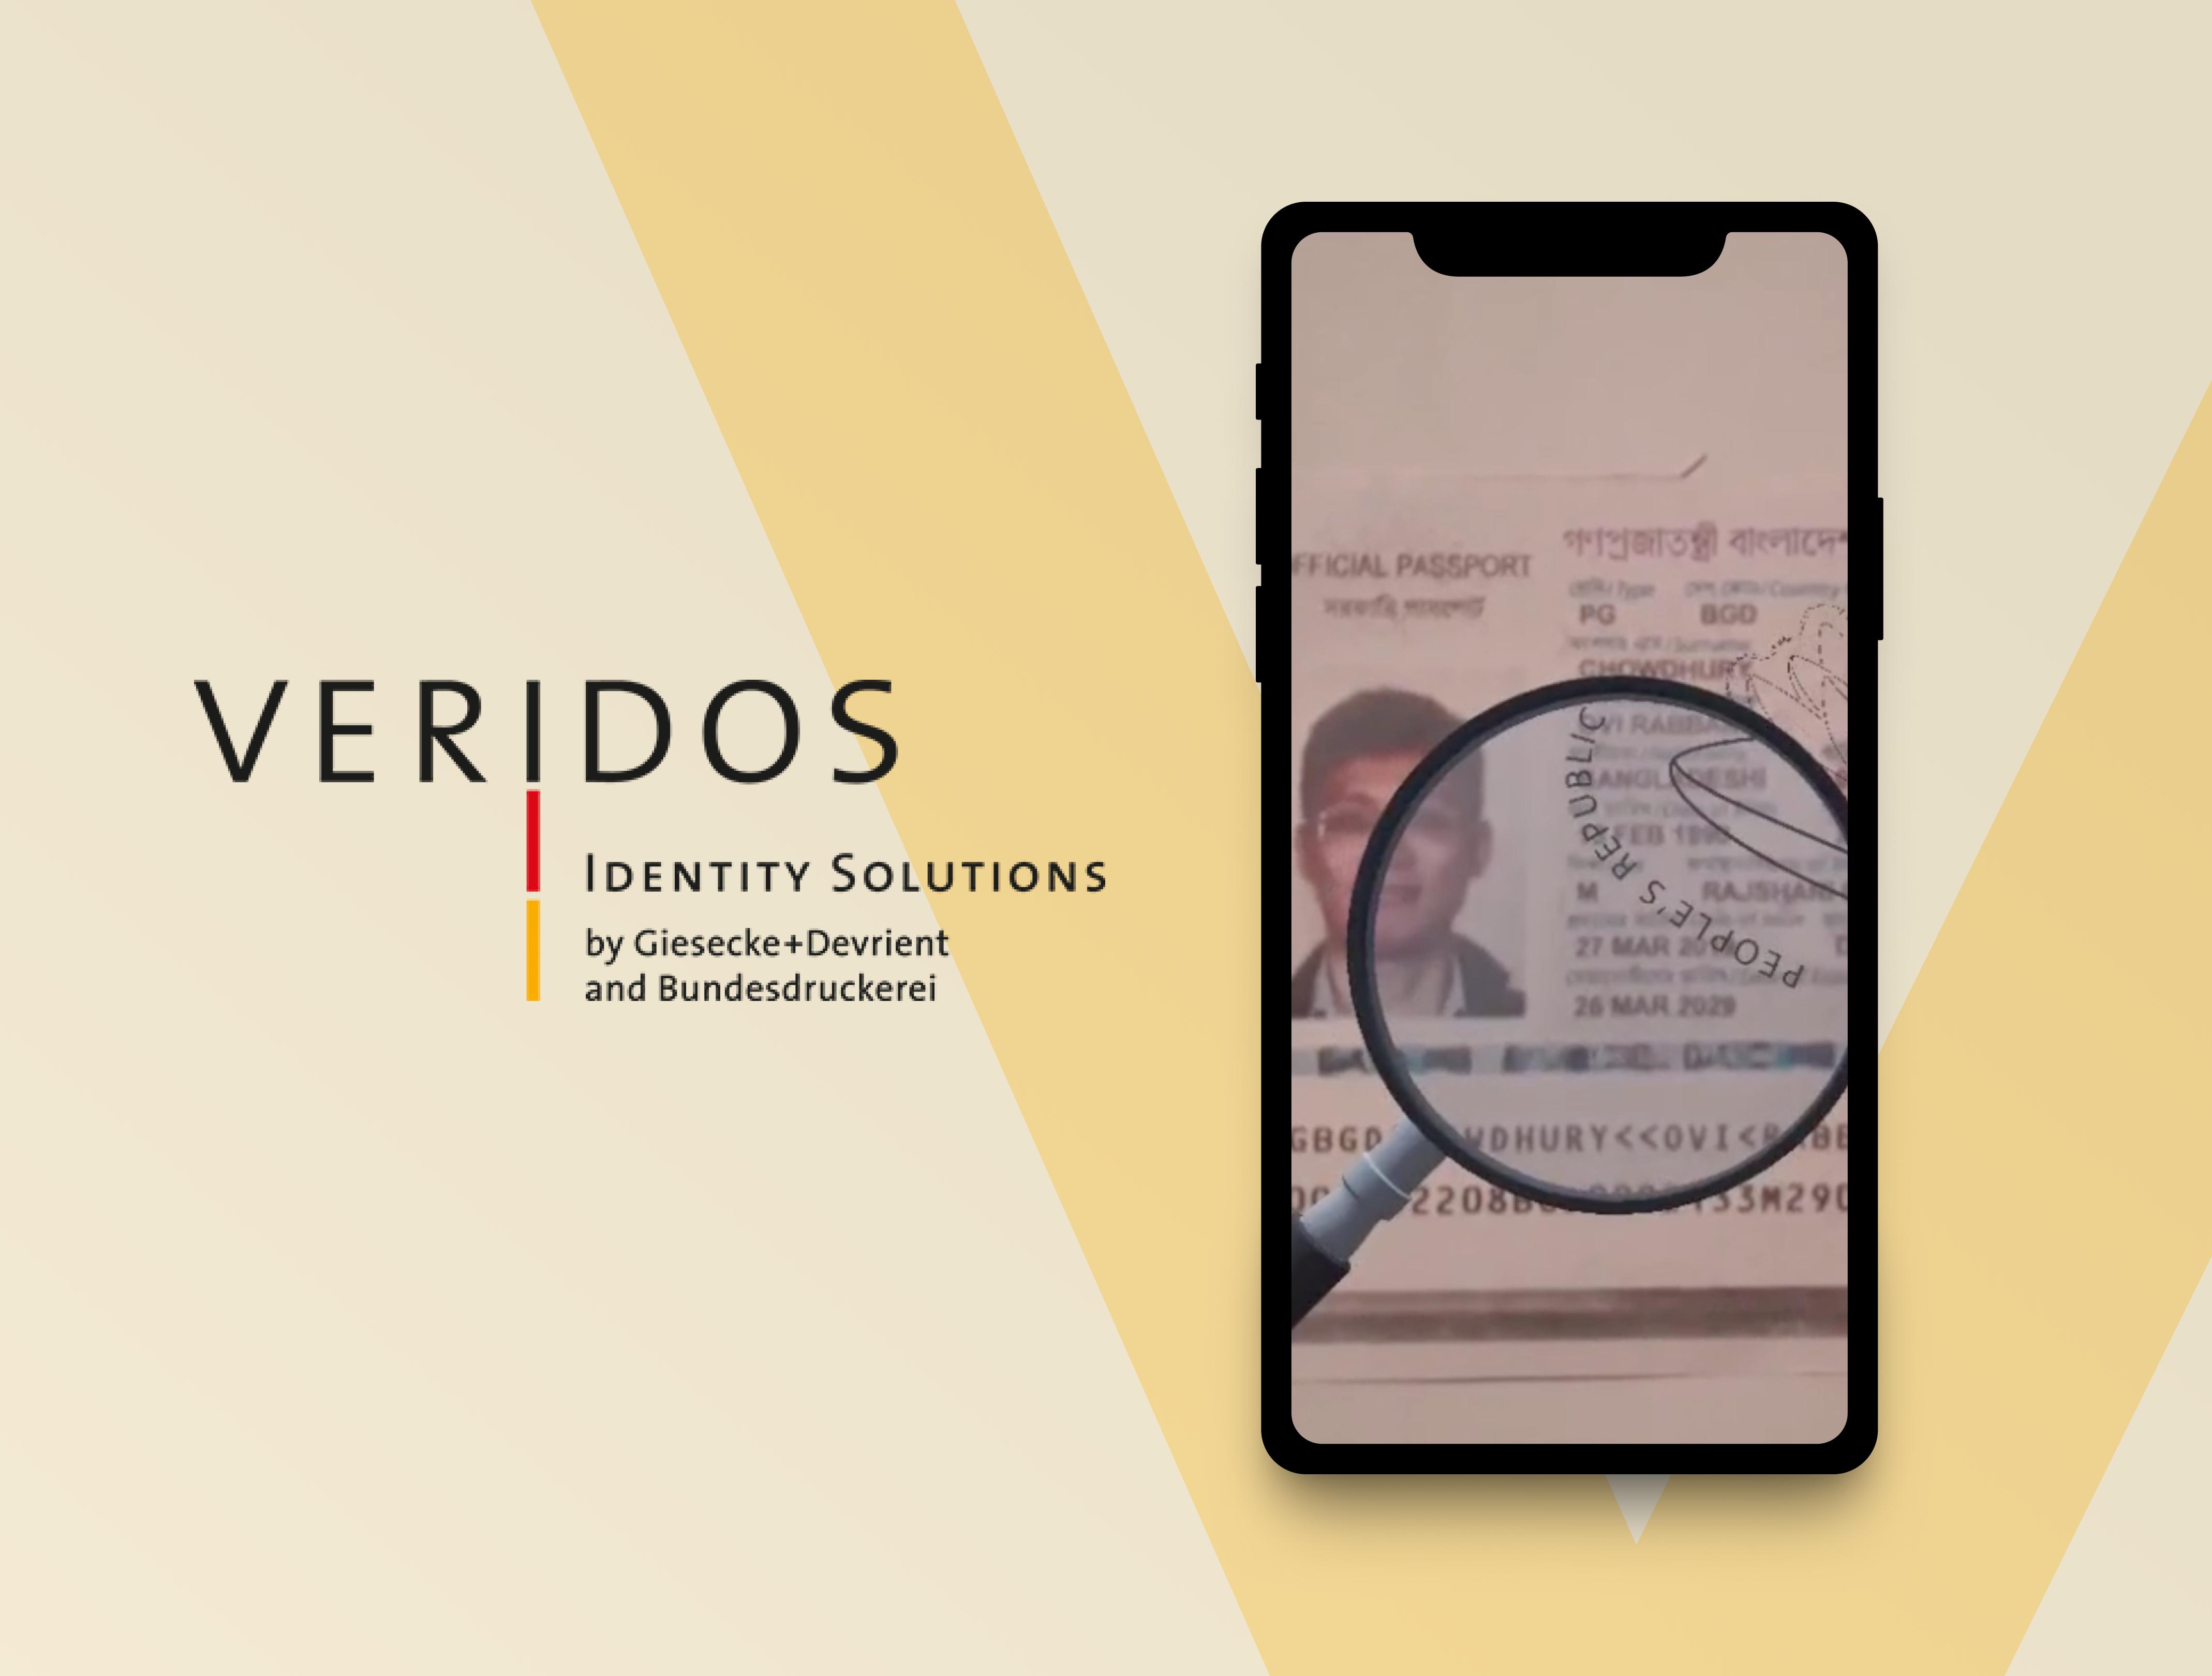 Veridos - Rzeczywistość rozszerzona w elektronicznym paszporcie